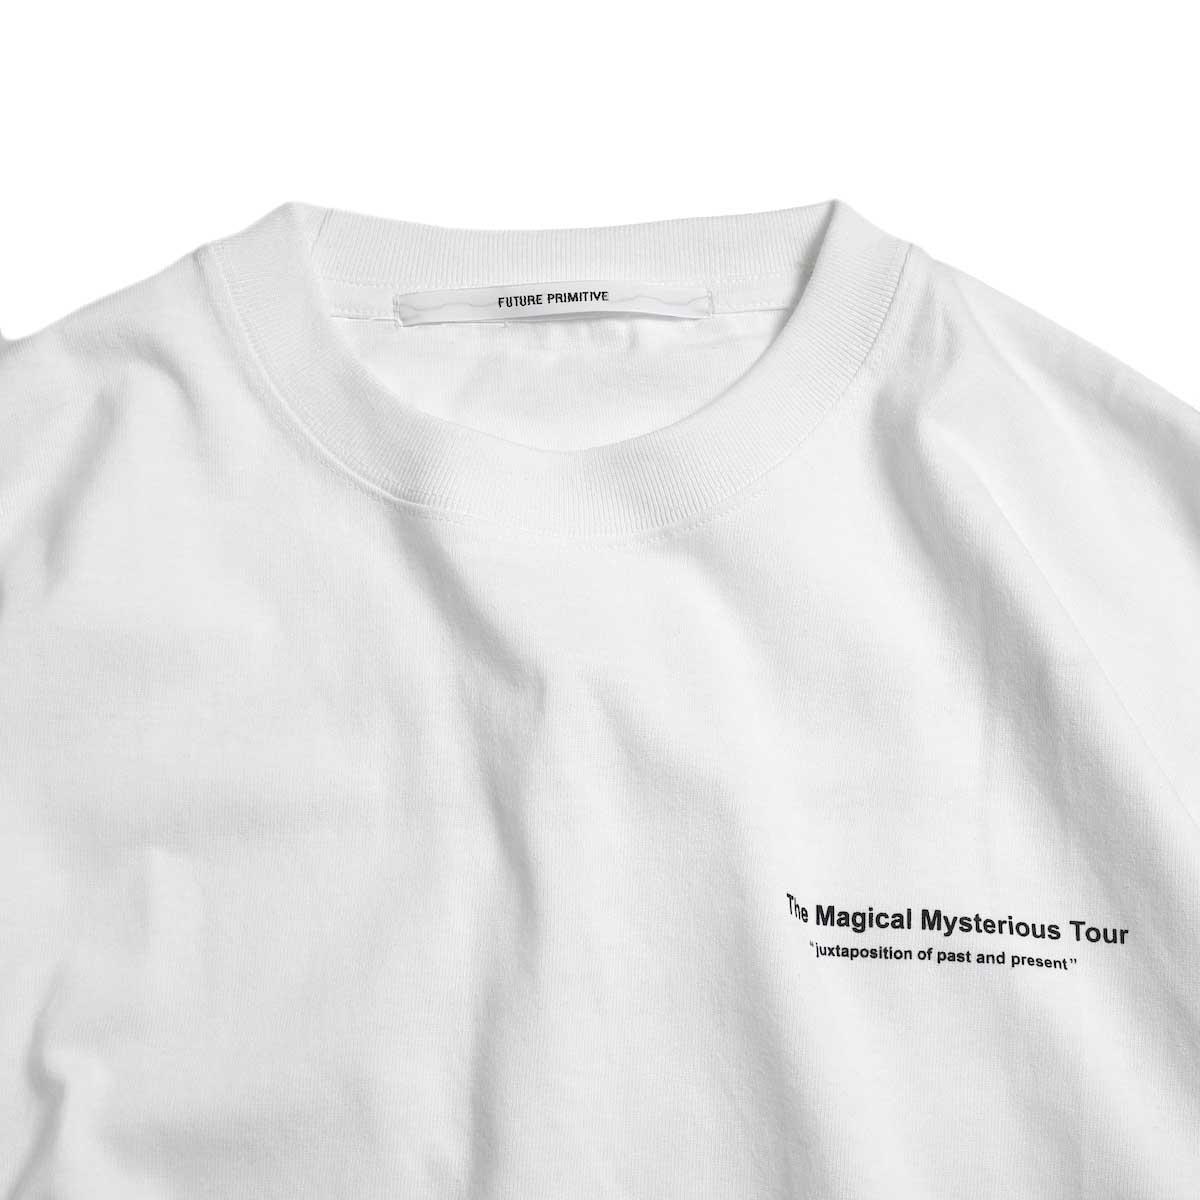 FUTURE PRIMITIVE / FP TMMT T-shirt -White 正面ロゴ